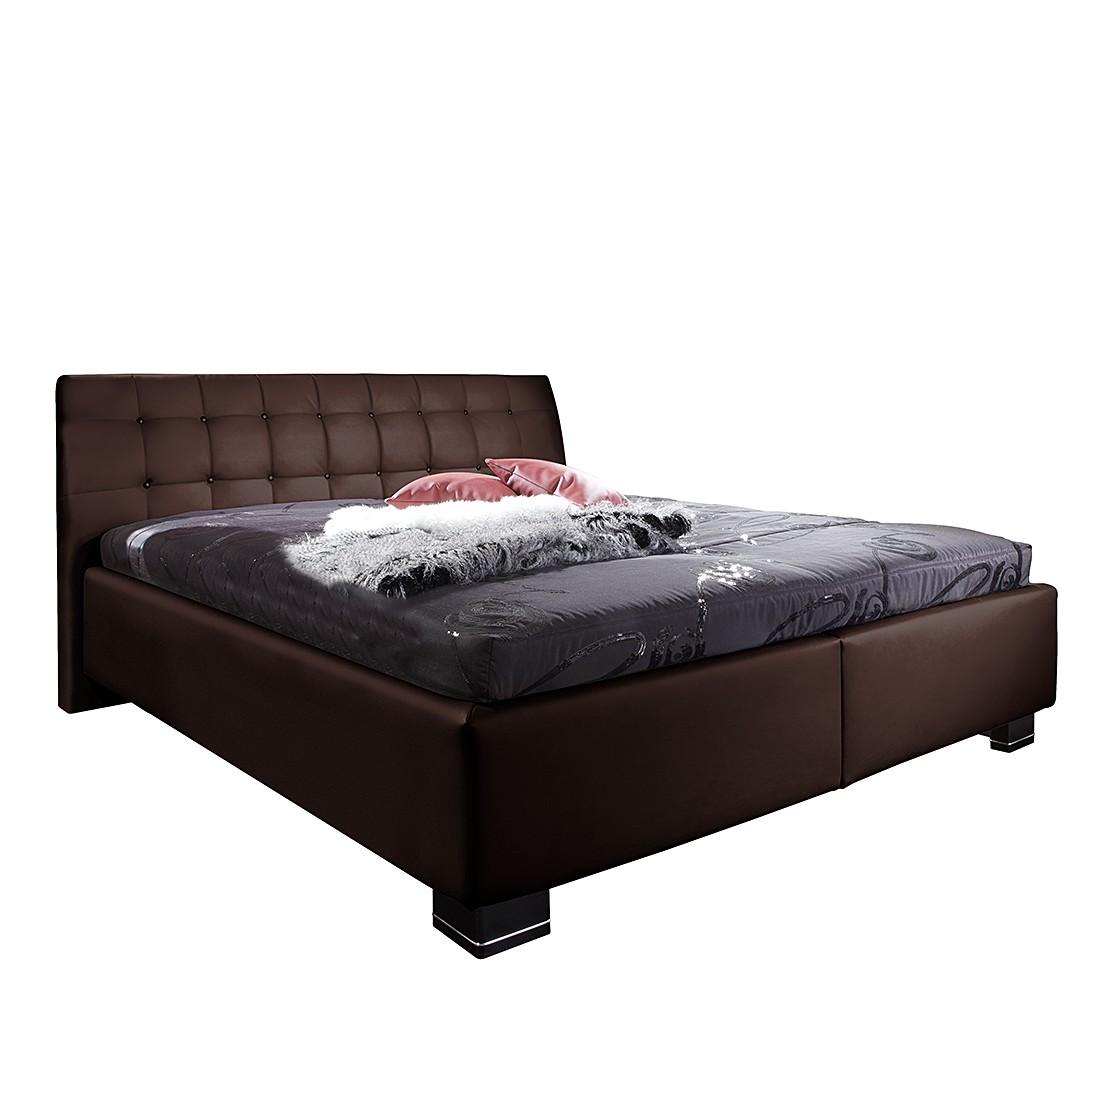 goedkoop Bed Aline kunstleer 180 x 200cm Bonell onderveringmatras incl. lattenbodem met 13 latten Bruin Monaco